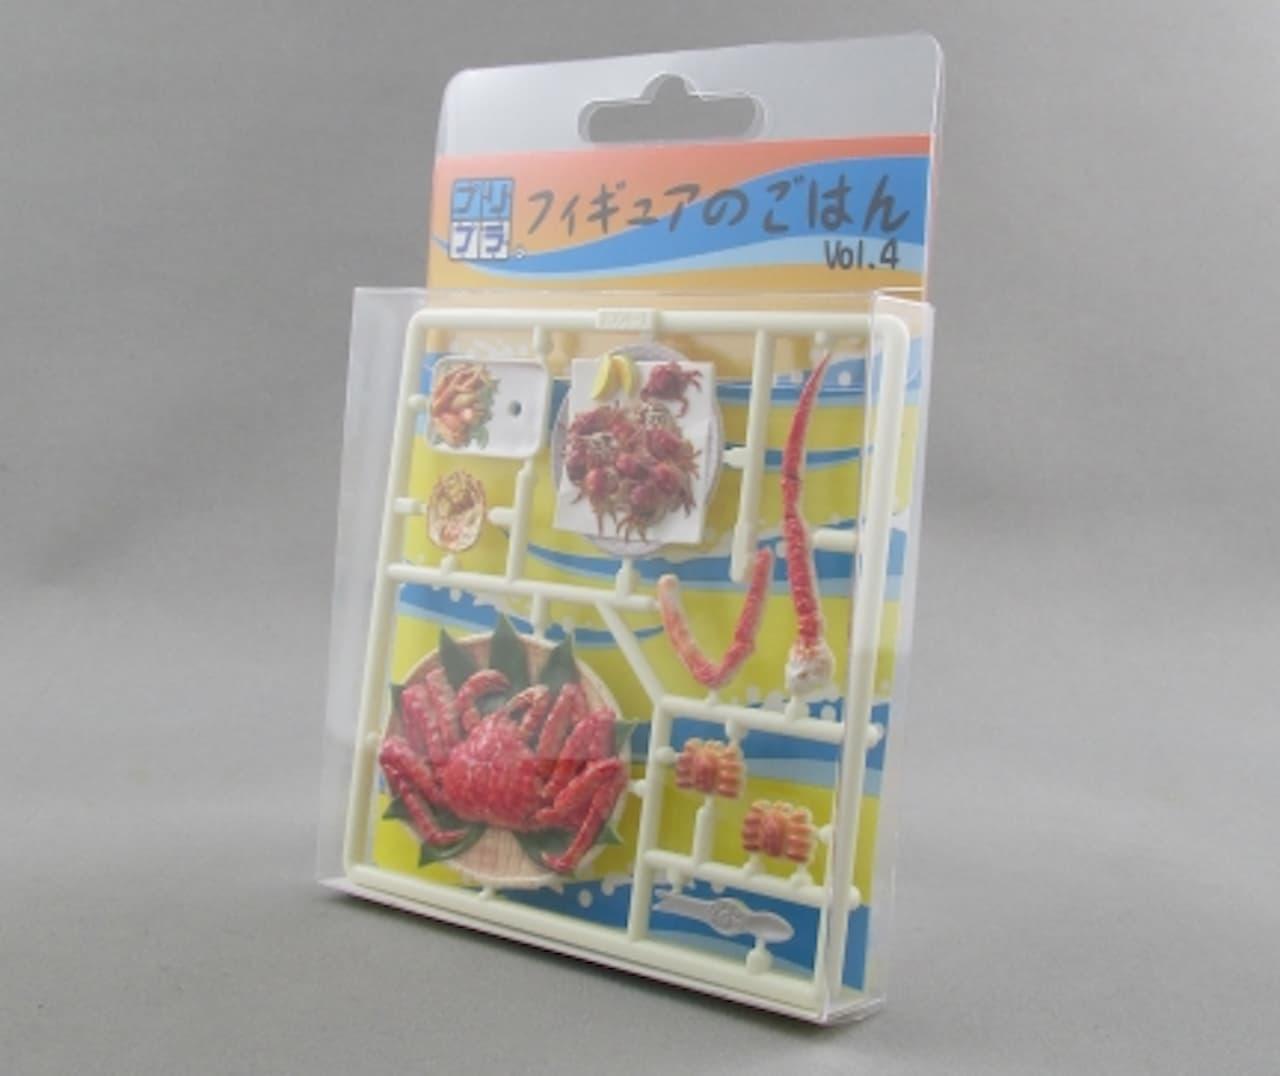 1/12スケールフィギュア向けミニチュアフード「フィギュアのごはんVol.4」